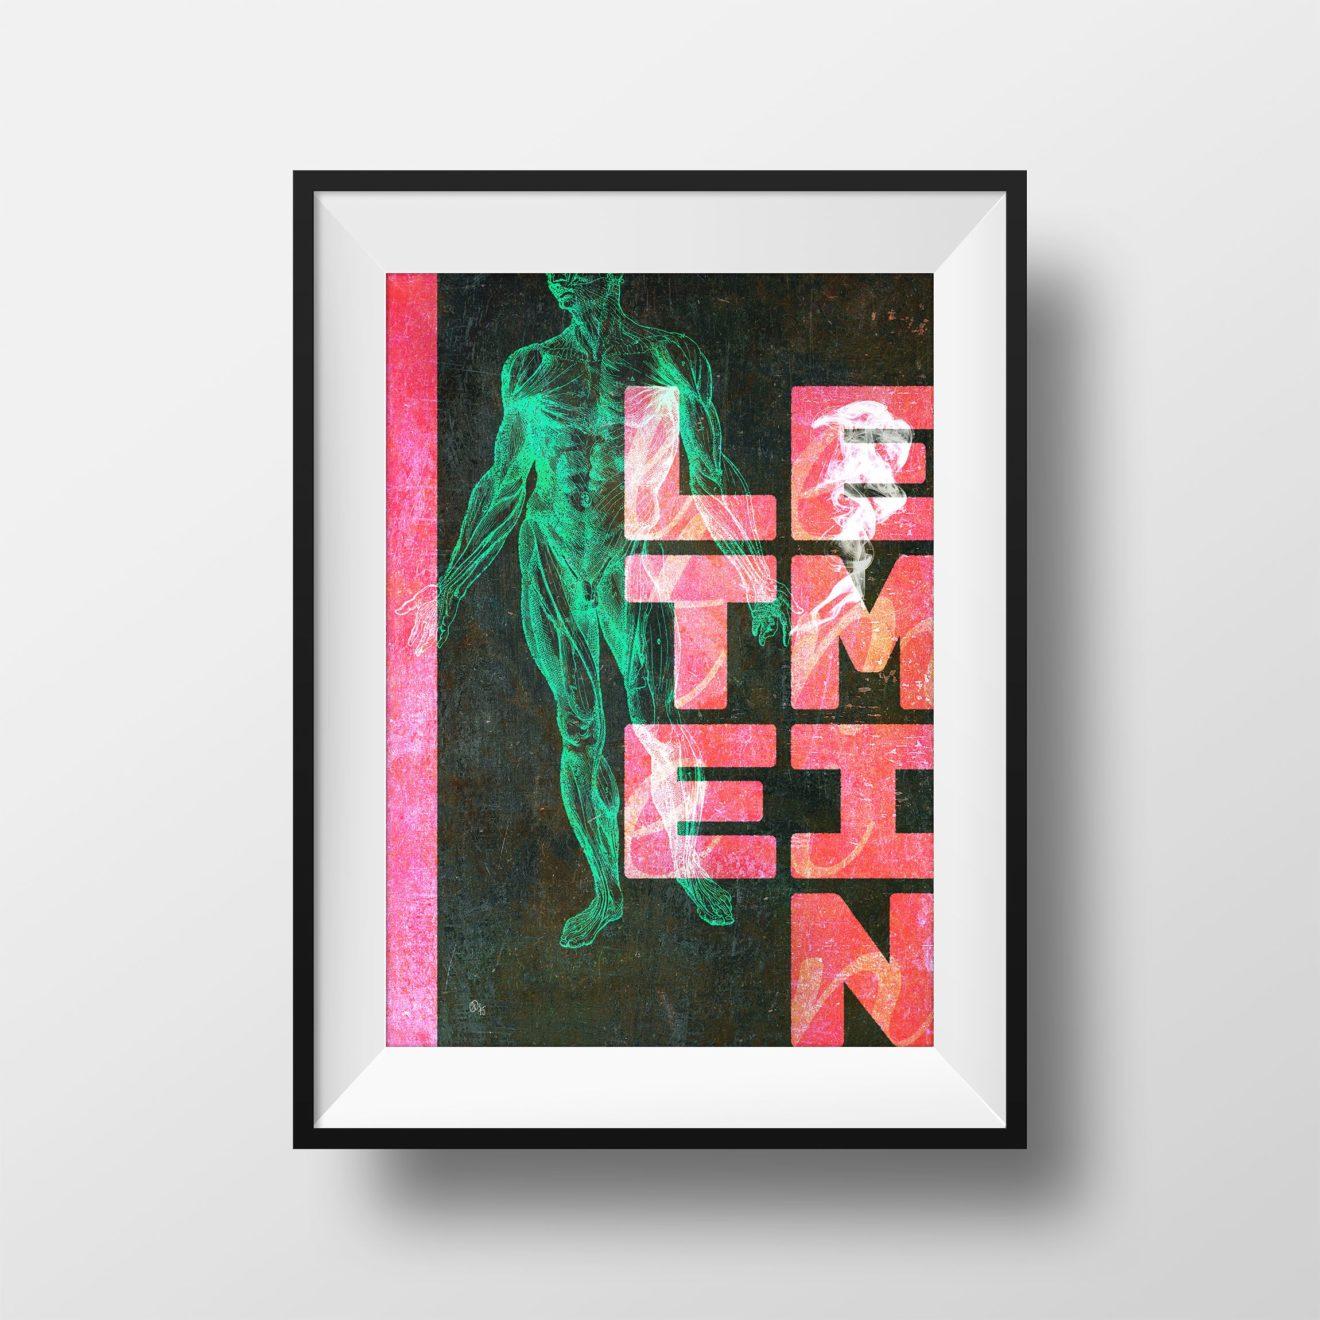 letmebein_04